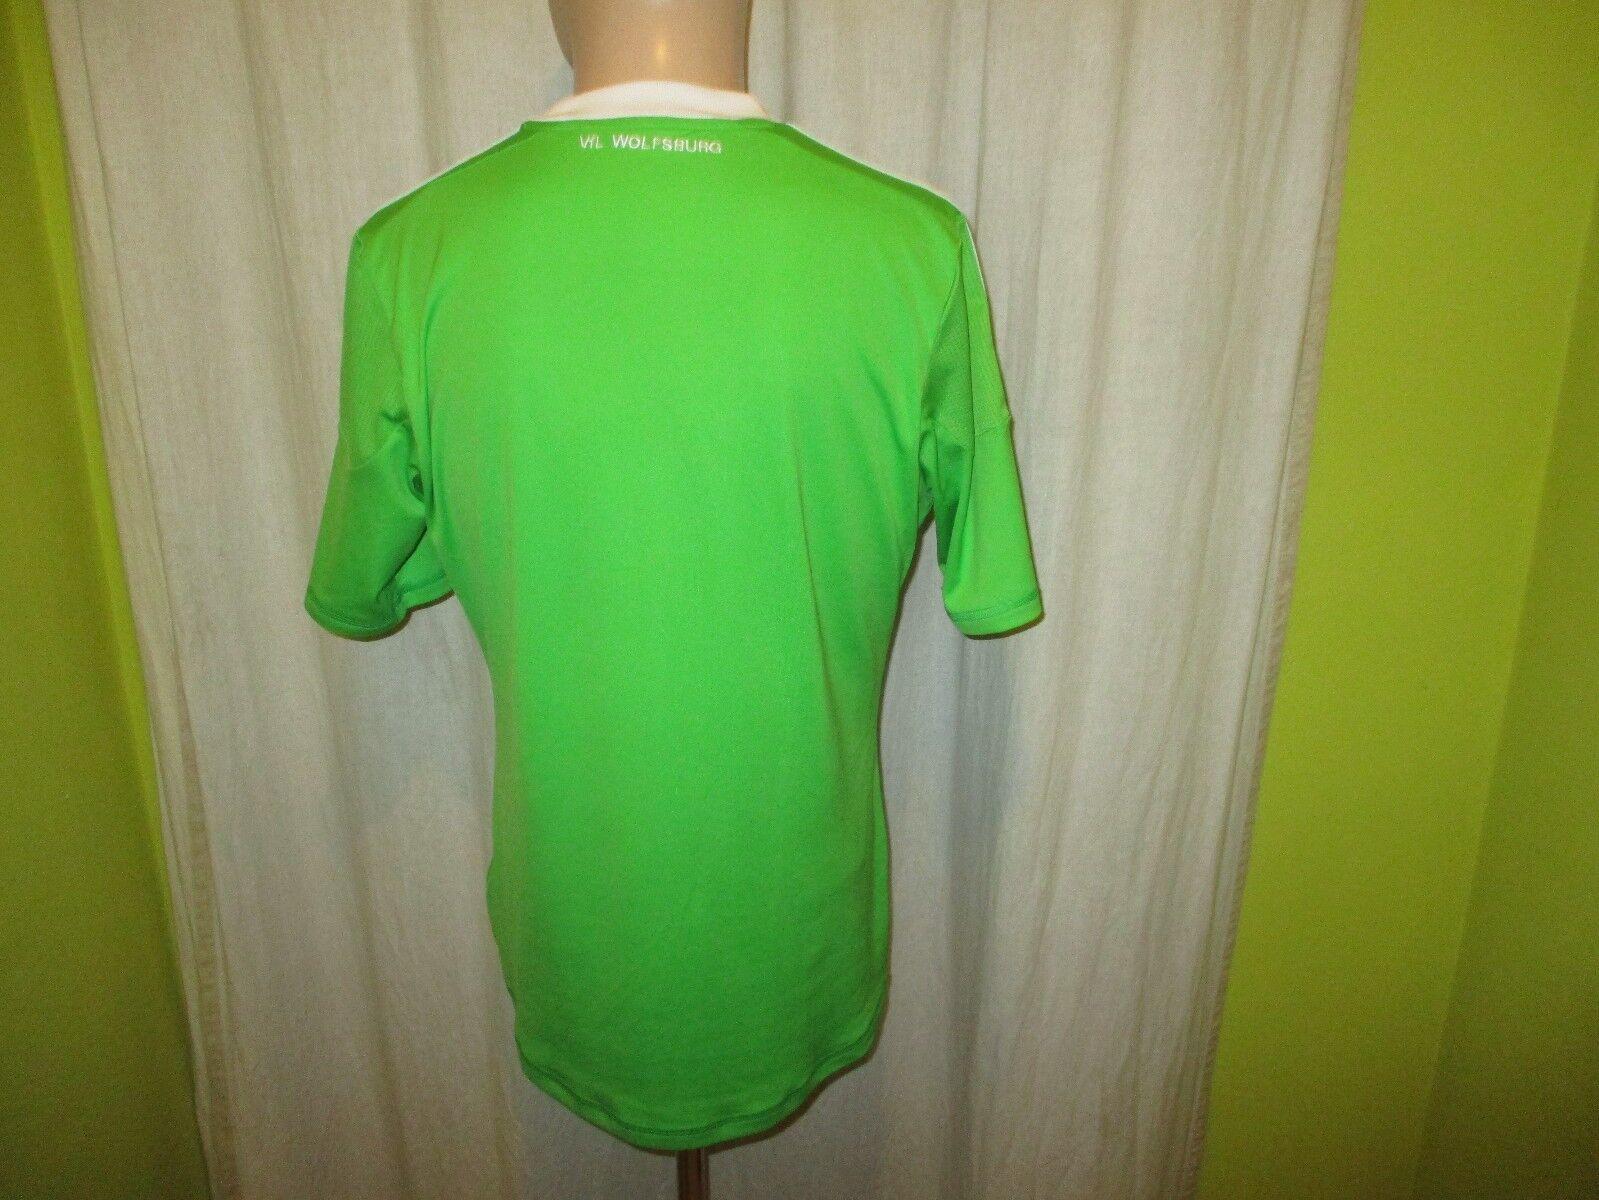 VfL Wolfsburg Wolfsburg Wolfsburg Original Adidas Heim Trikot 2012 13  VW  Gr.M TOP    Verschiedene Arten und Stile  92f056